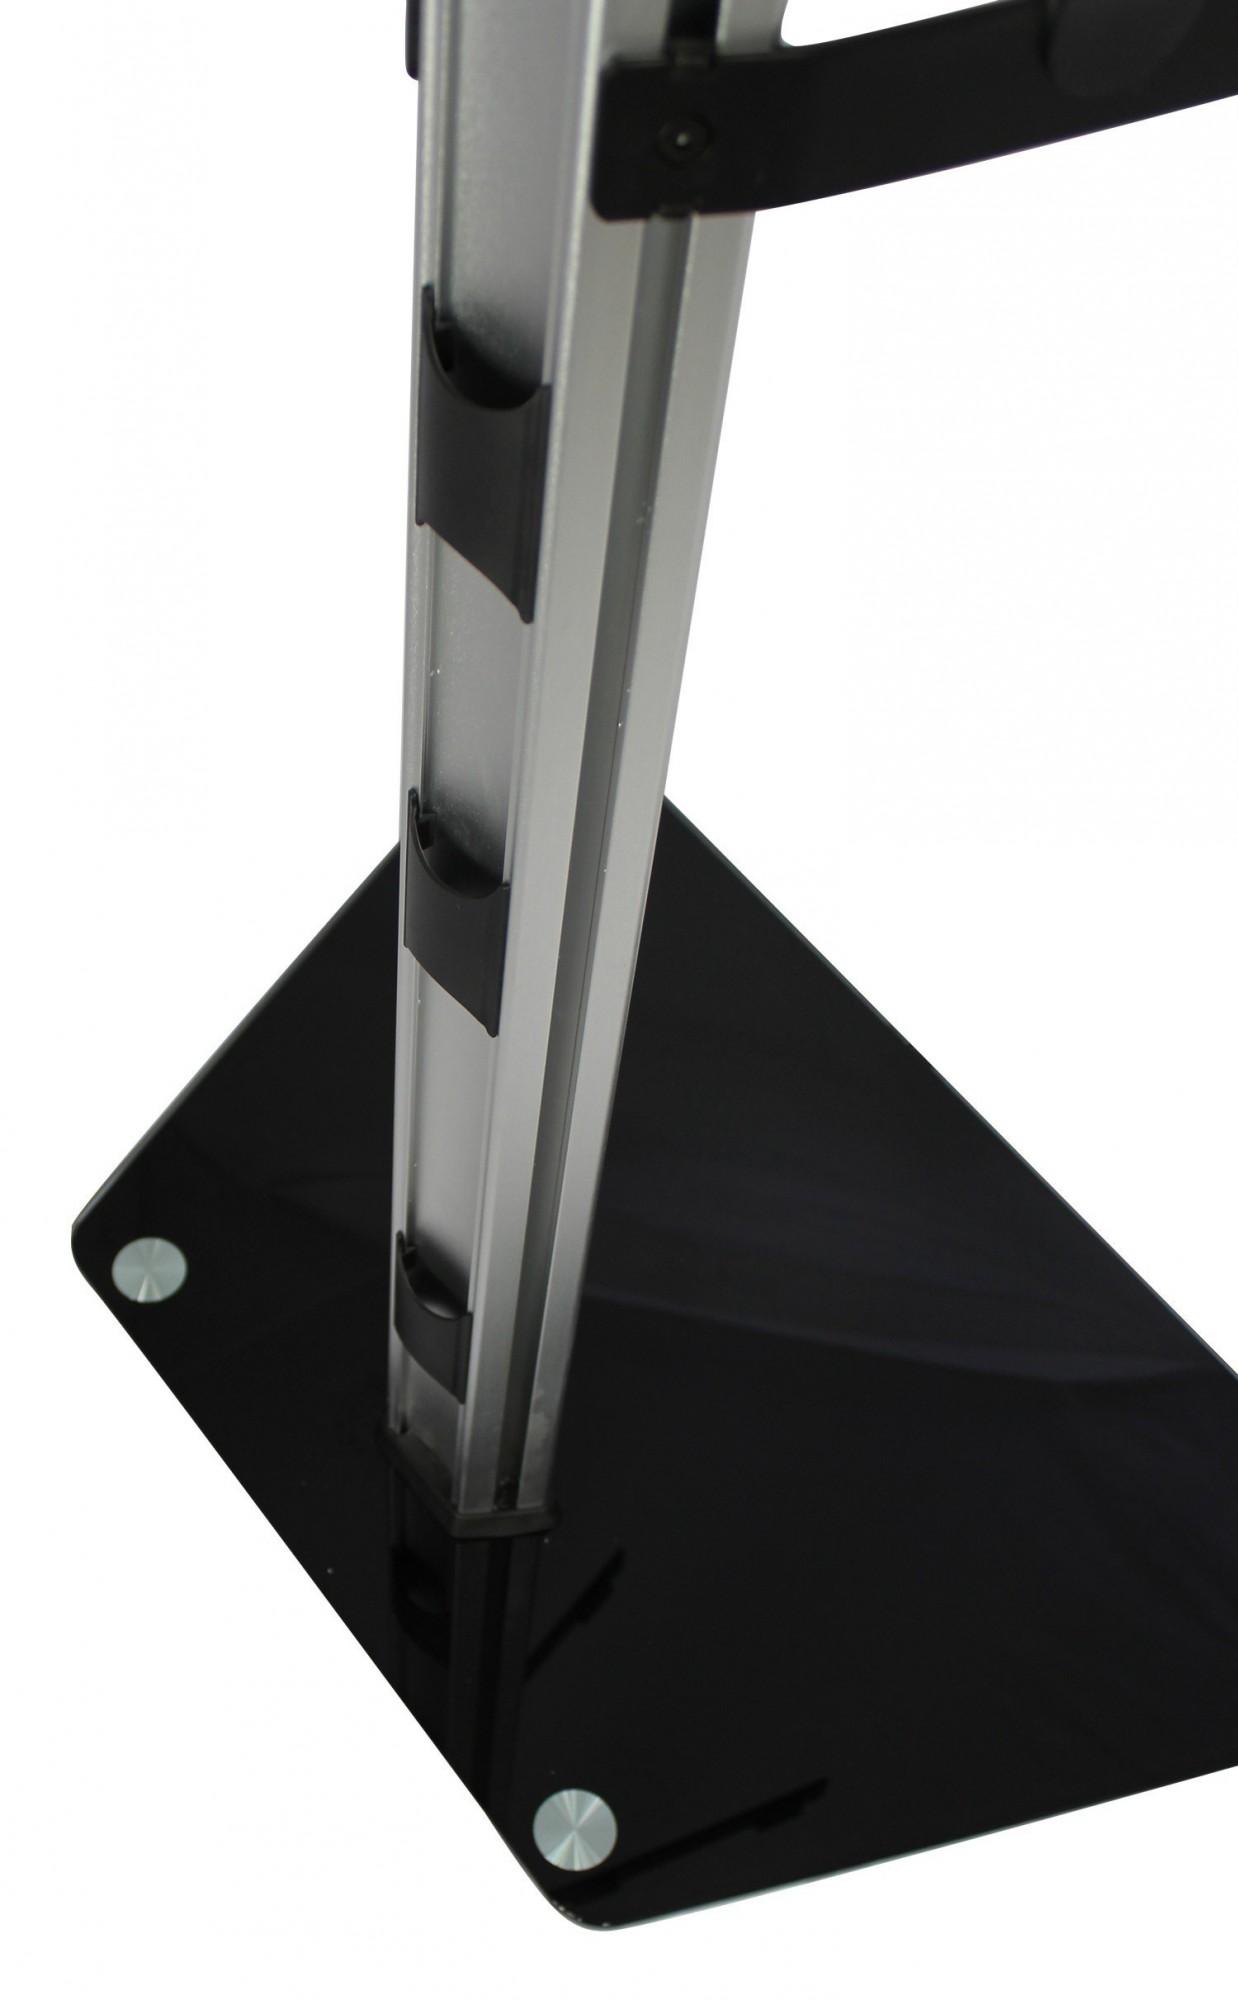 tv st nder standfu mit rollen h henverstellbar 26 47 zoll mit glasablage ebay. Black Bedroom Furniture Sets. Home Design Ideas